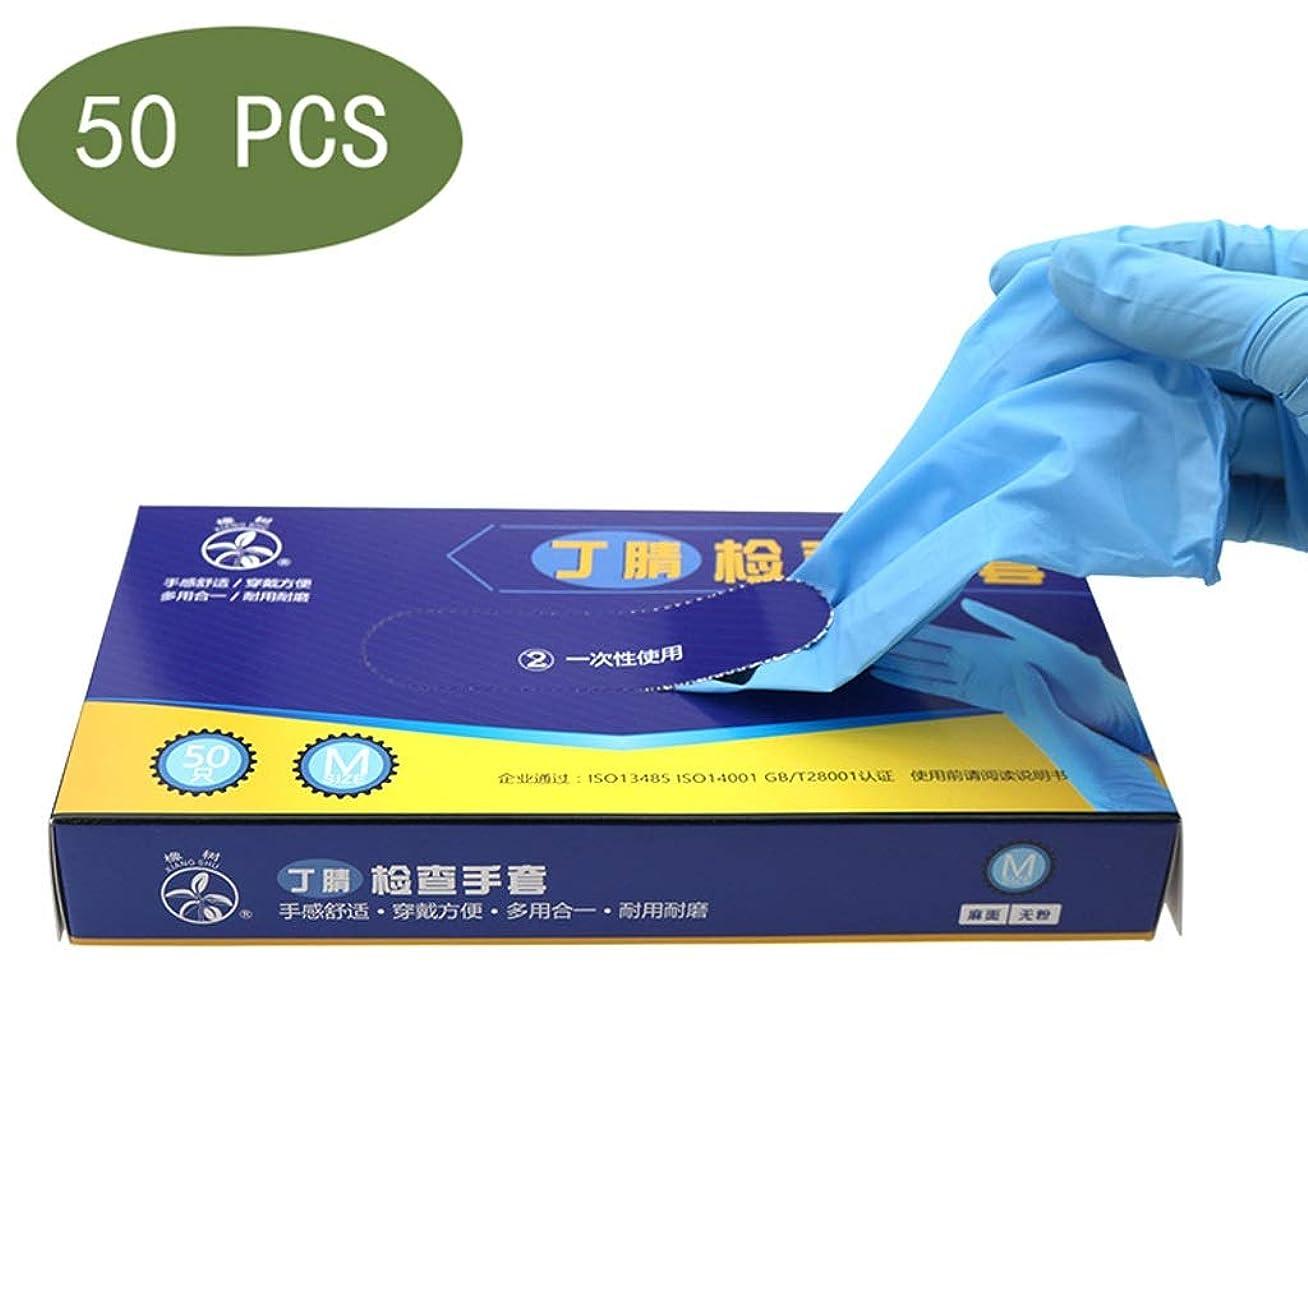 試験サンダル取得する保護用使い捨てニトリル医療用手袋、4ミル、ラテックスフリー、試験グレードの手袋、テクスチャード加工、両性、非滅菌、50個入り (Size : S)